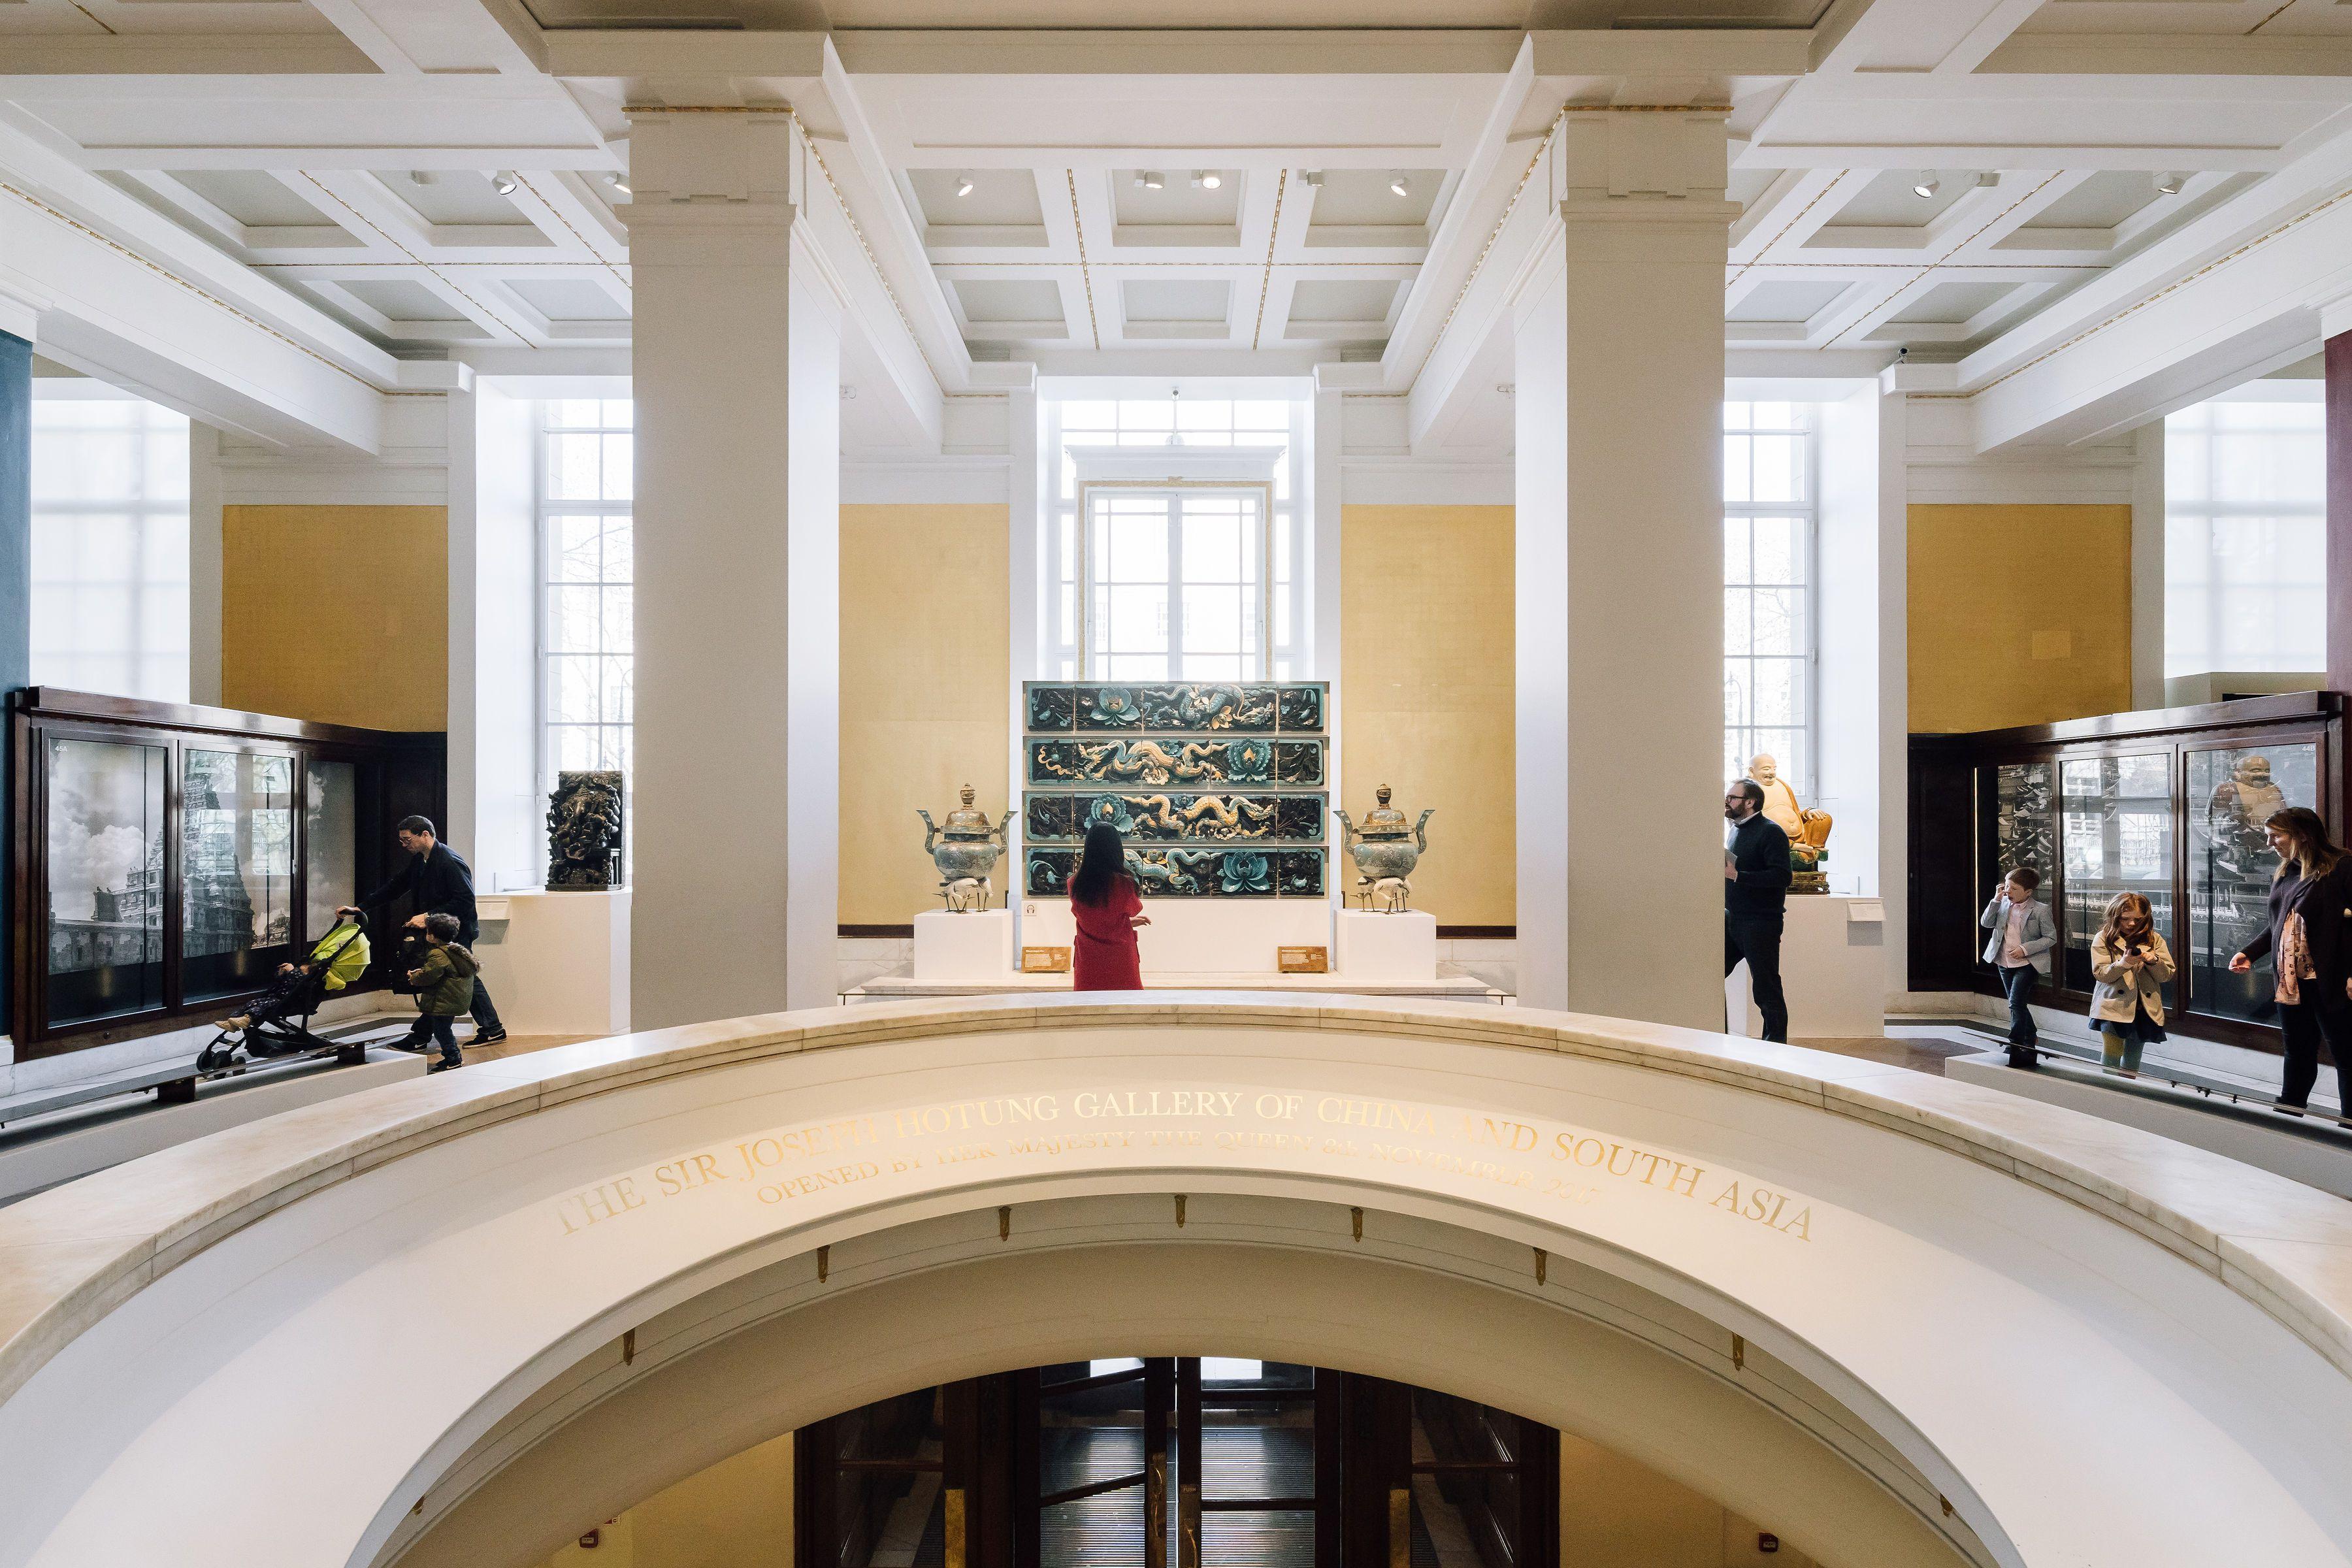 Μουσείο φυσικής ιστορίας που χρονολογείται Top 10 ιρλανδικές ιστοσελίδες γνωριμιών